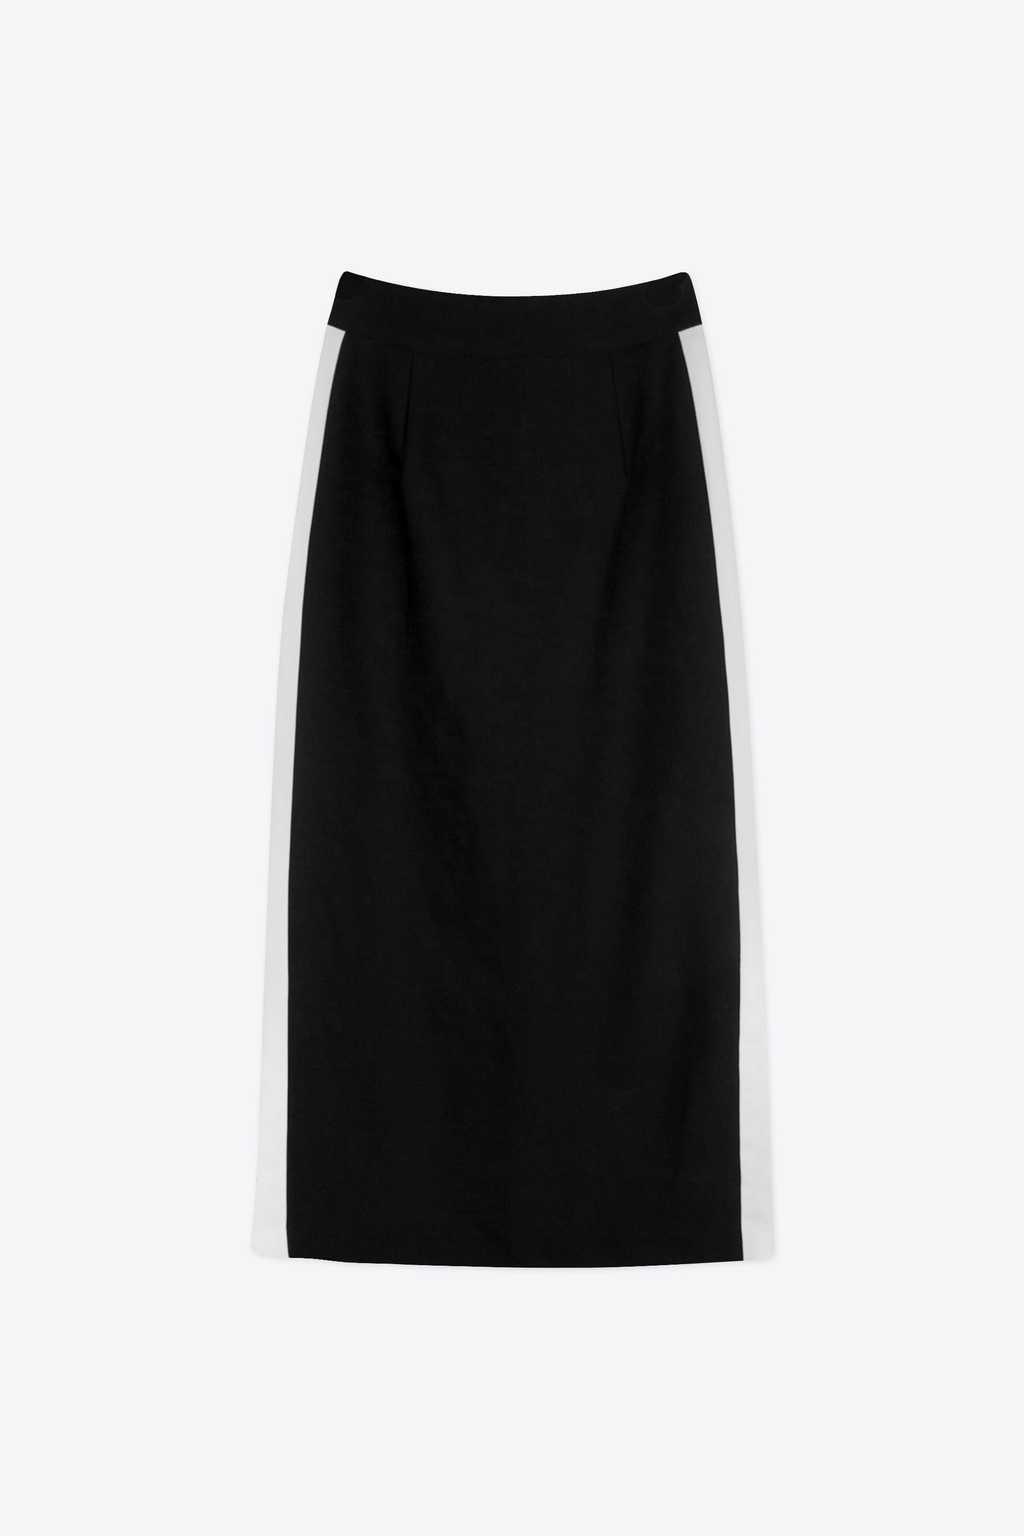 Skirt H079 Black 5